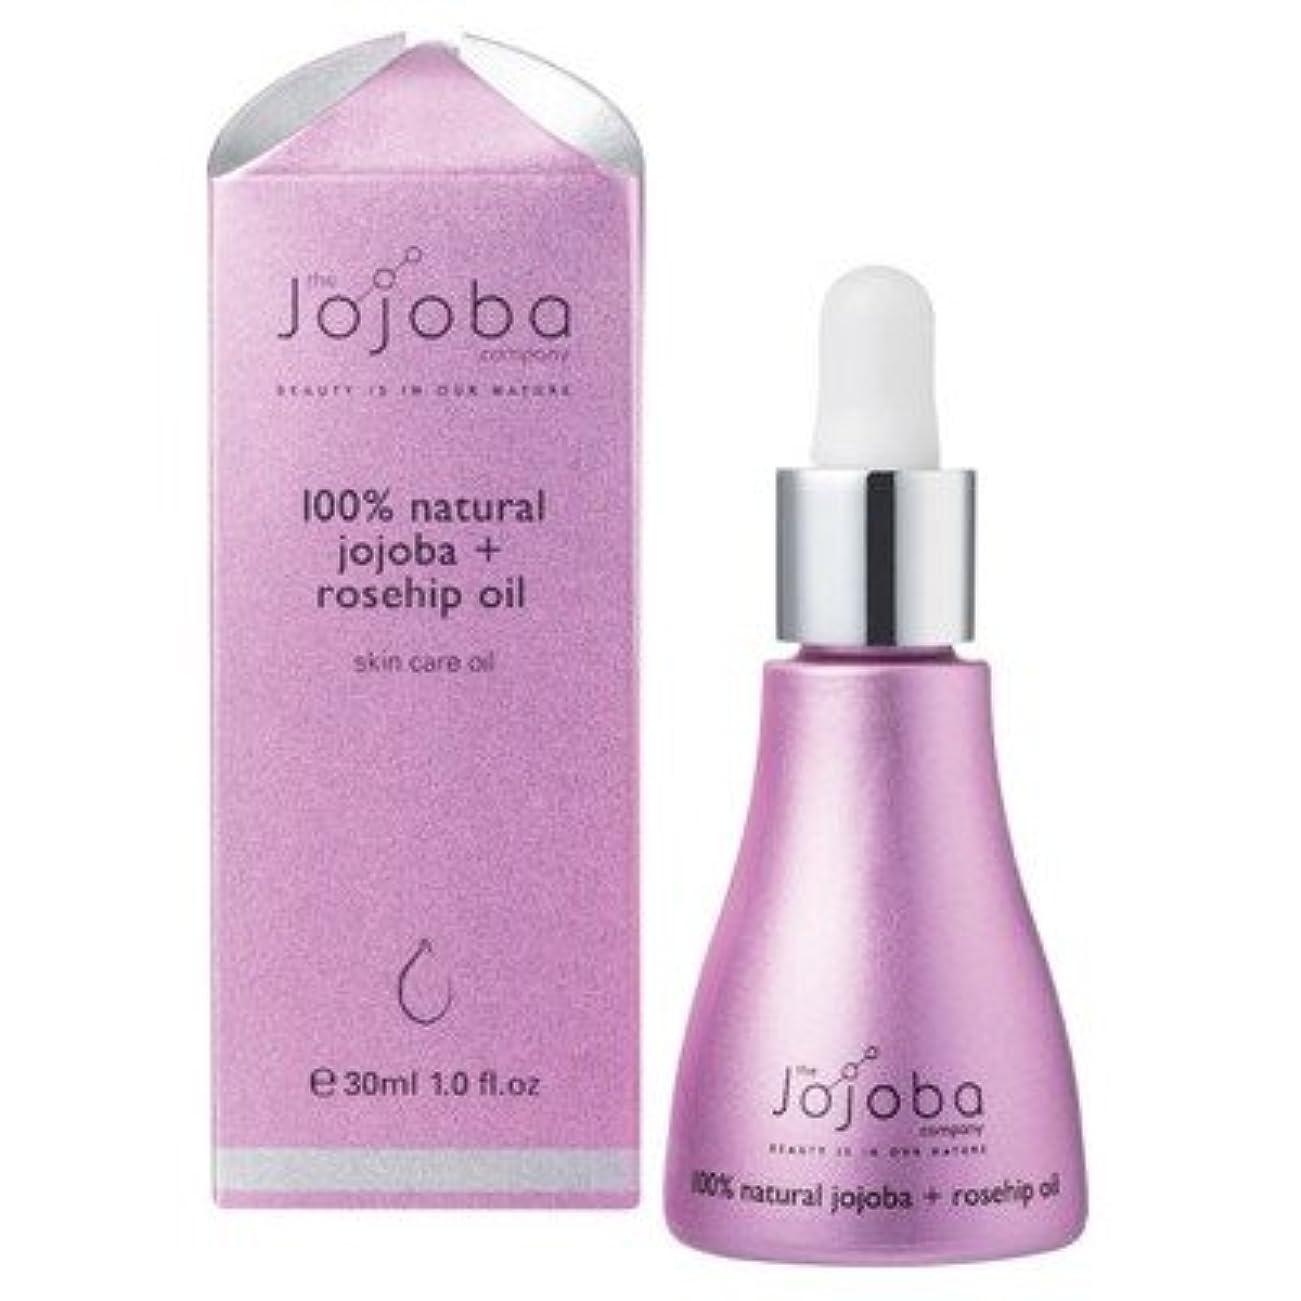 移行懲らしめボトルthe Jojoba Company 100% Natural Australian Jojoba Oil + Rosehip Oil ホホバ&ローズヒップブレンドオイル 30ml [海外直送品]